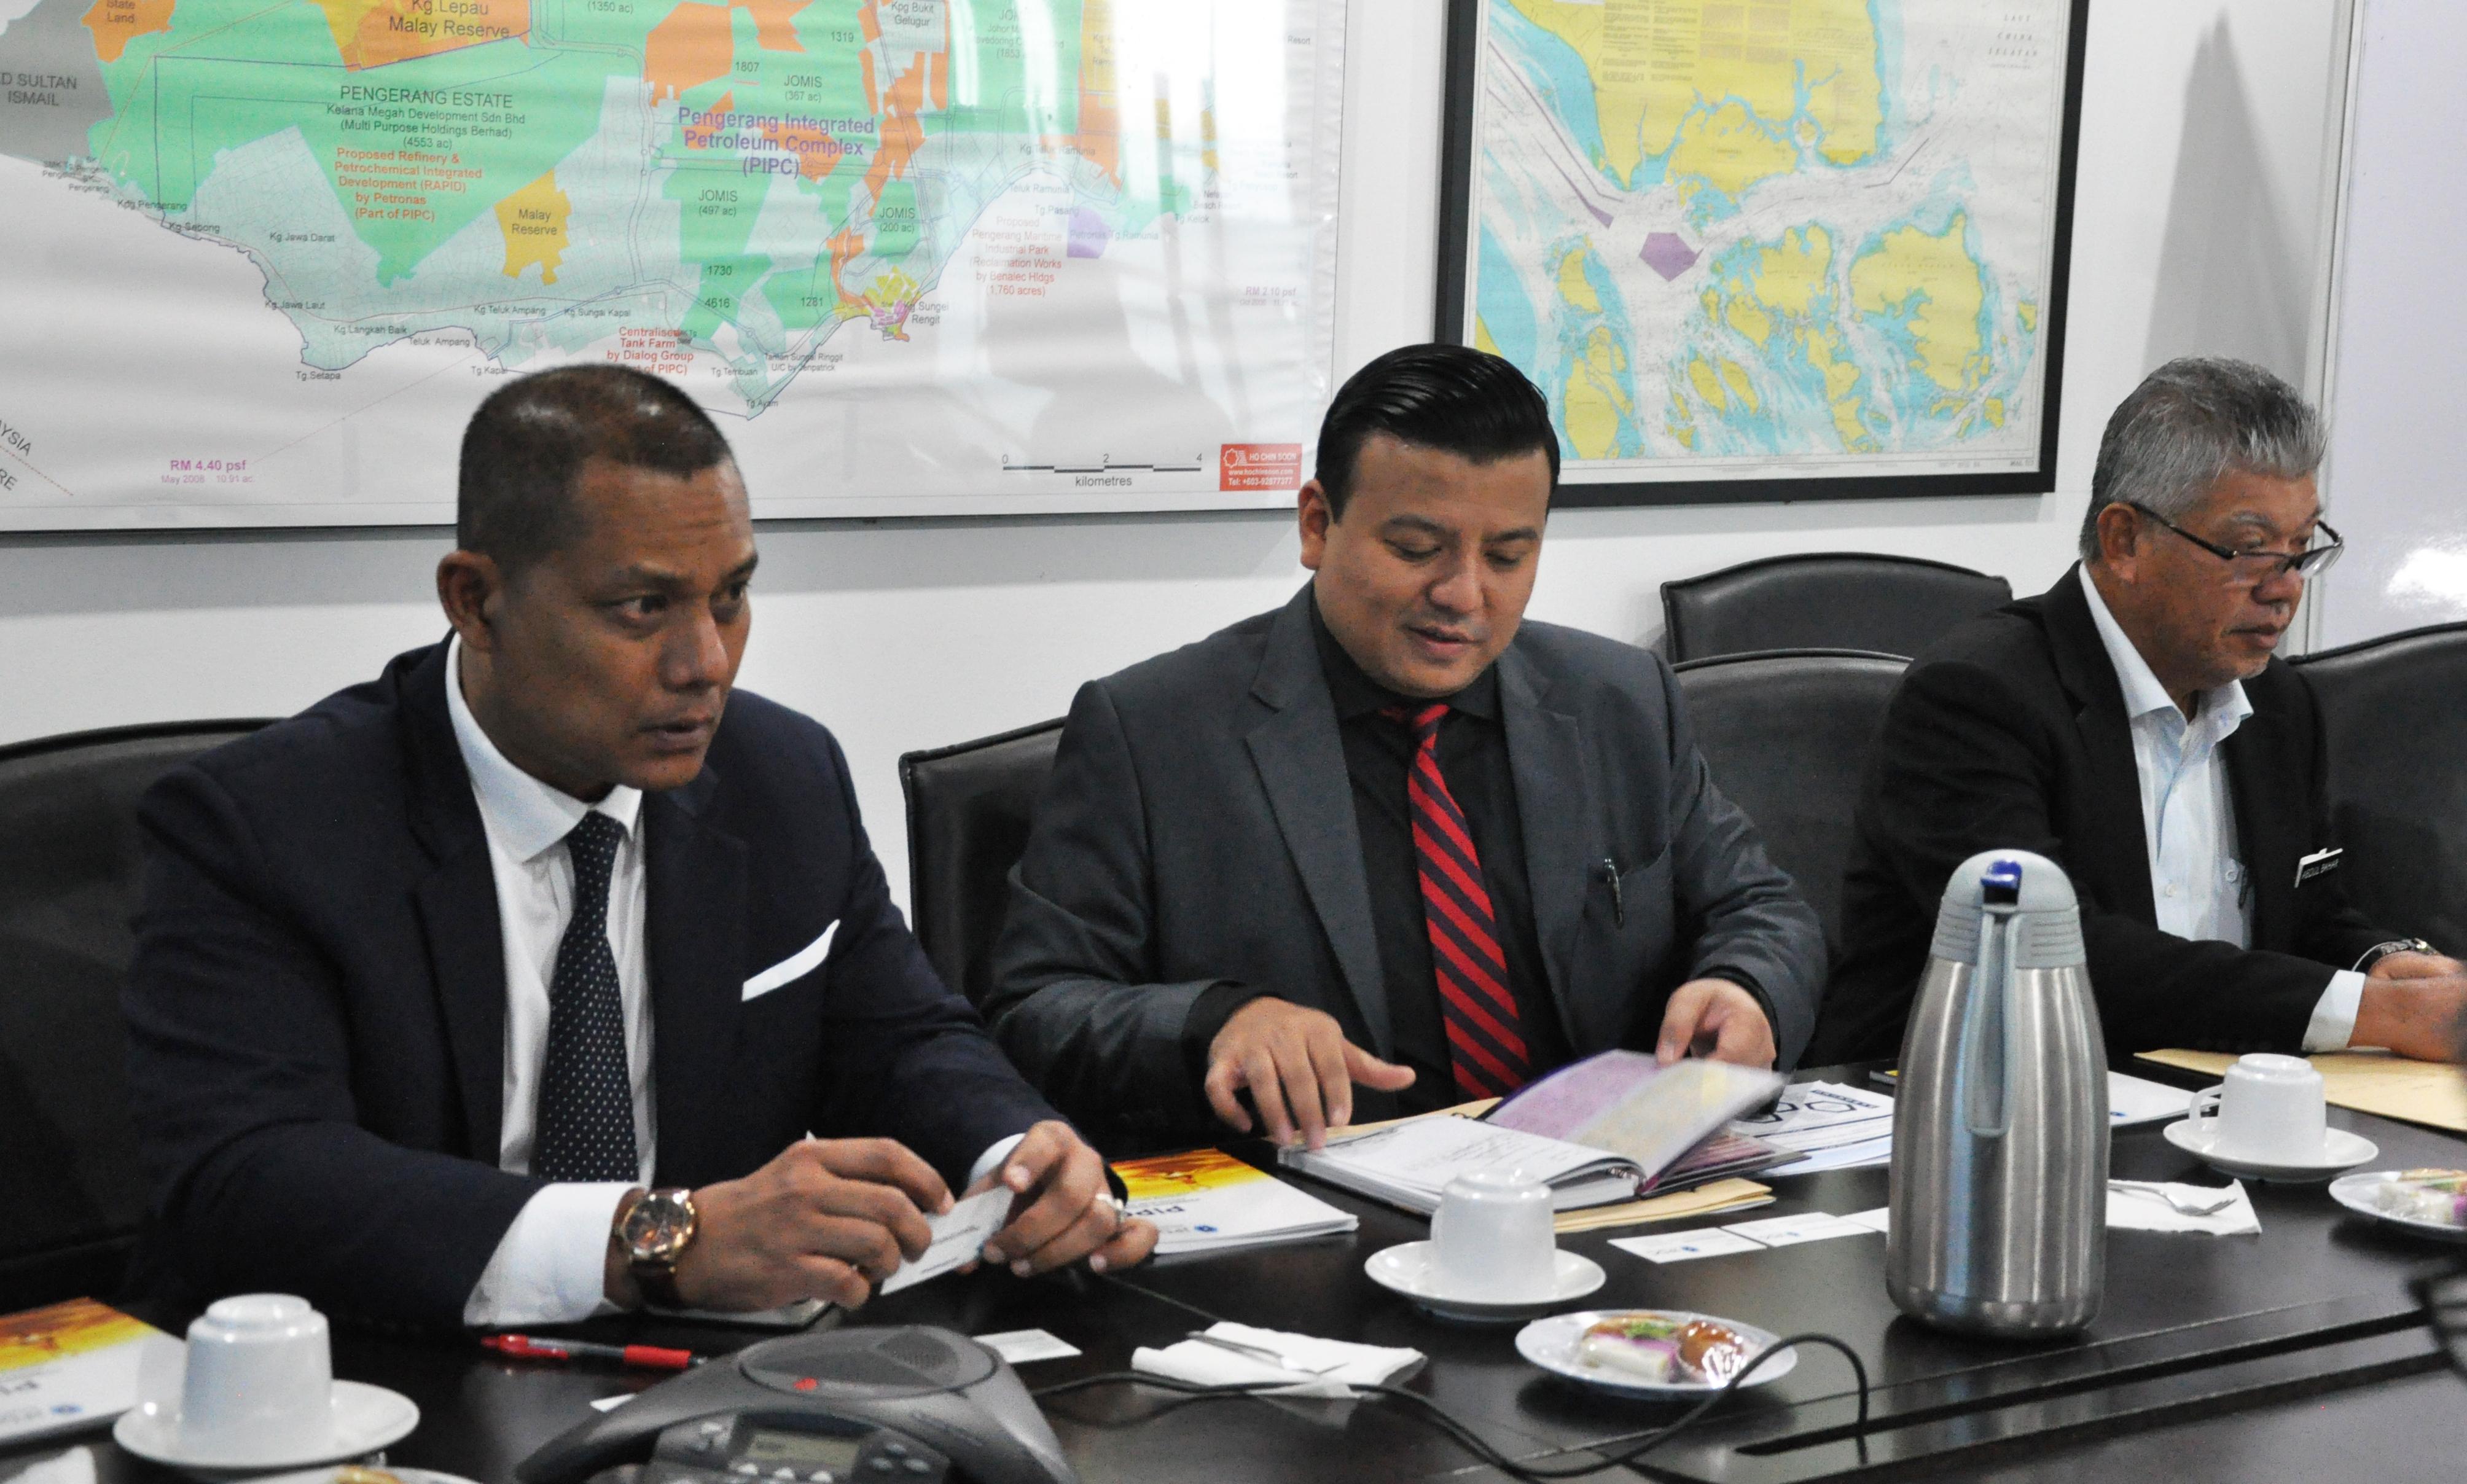 Lawatan Perbadanan Kemajuan Negeri Melaka (PKNM) Bersama Wakil Kerajaan Negeri Melaka ke JPDC